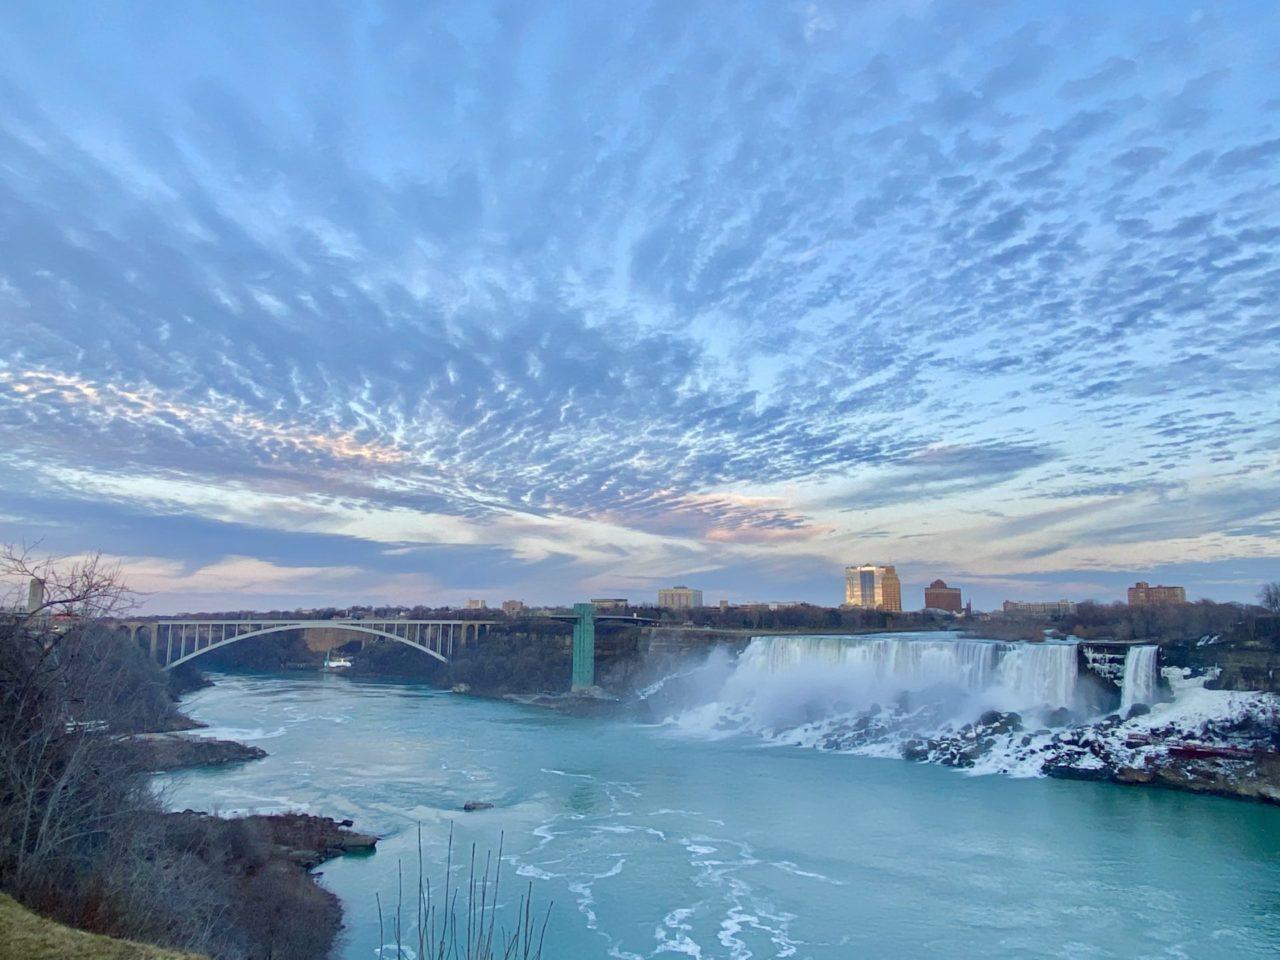 Eine Brücke neben Fluss und Wasserfällen